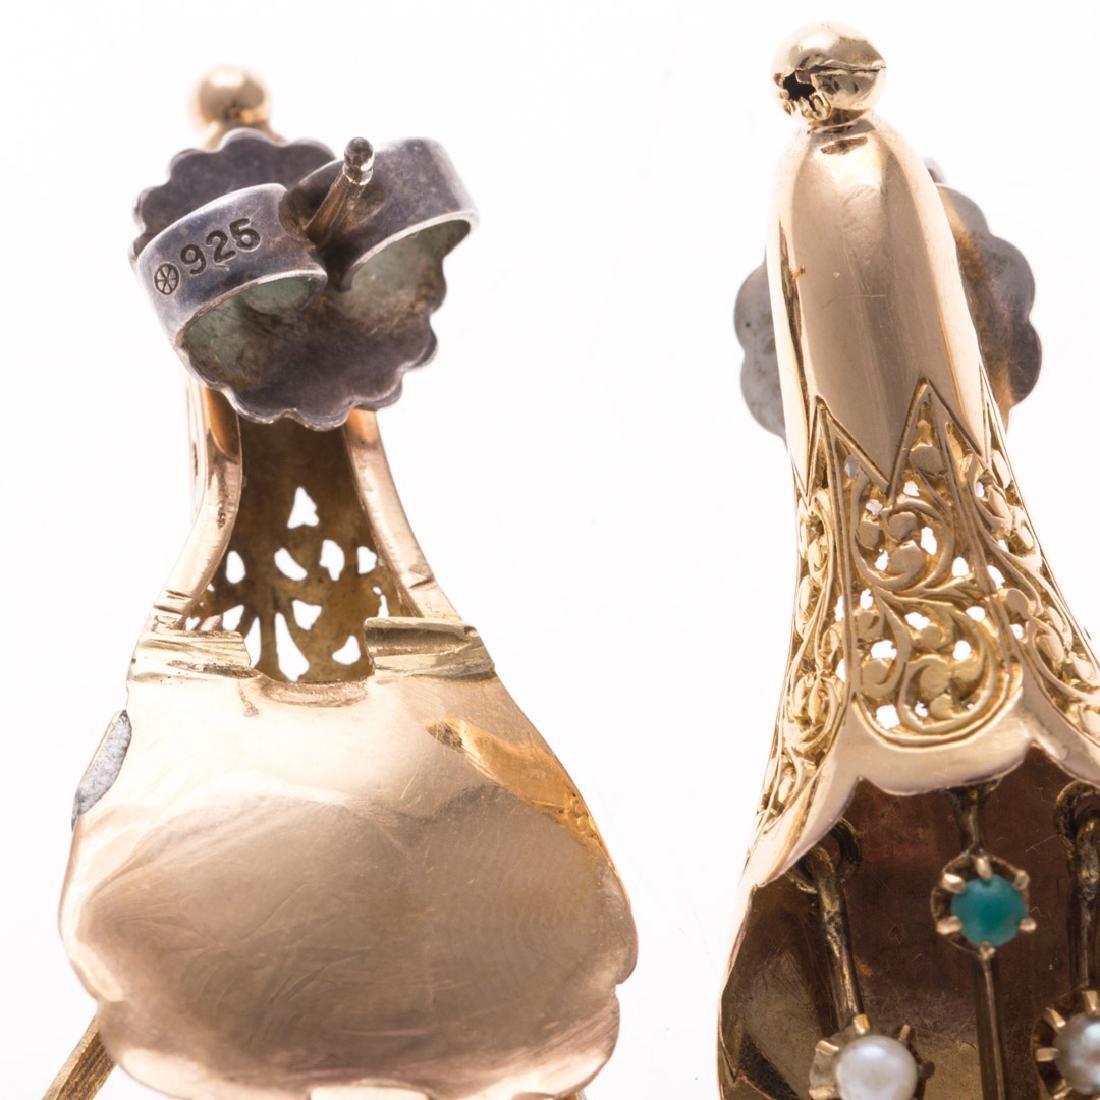 Two Pairs of Vintage Gemstone Earrings in Gold - 4